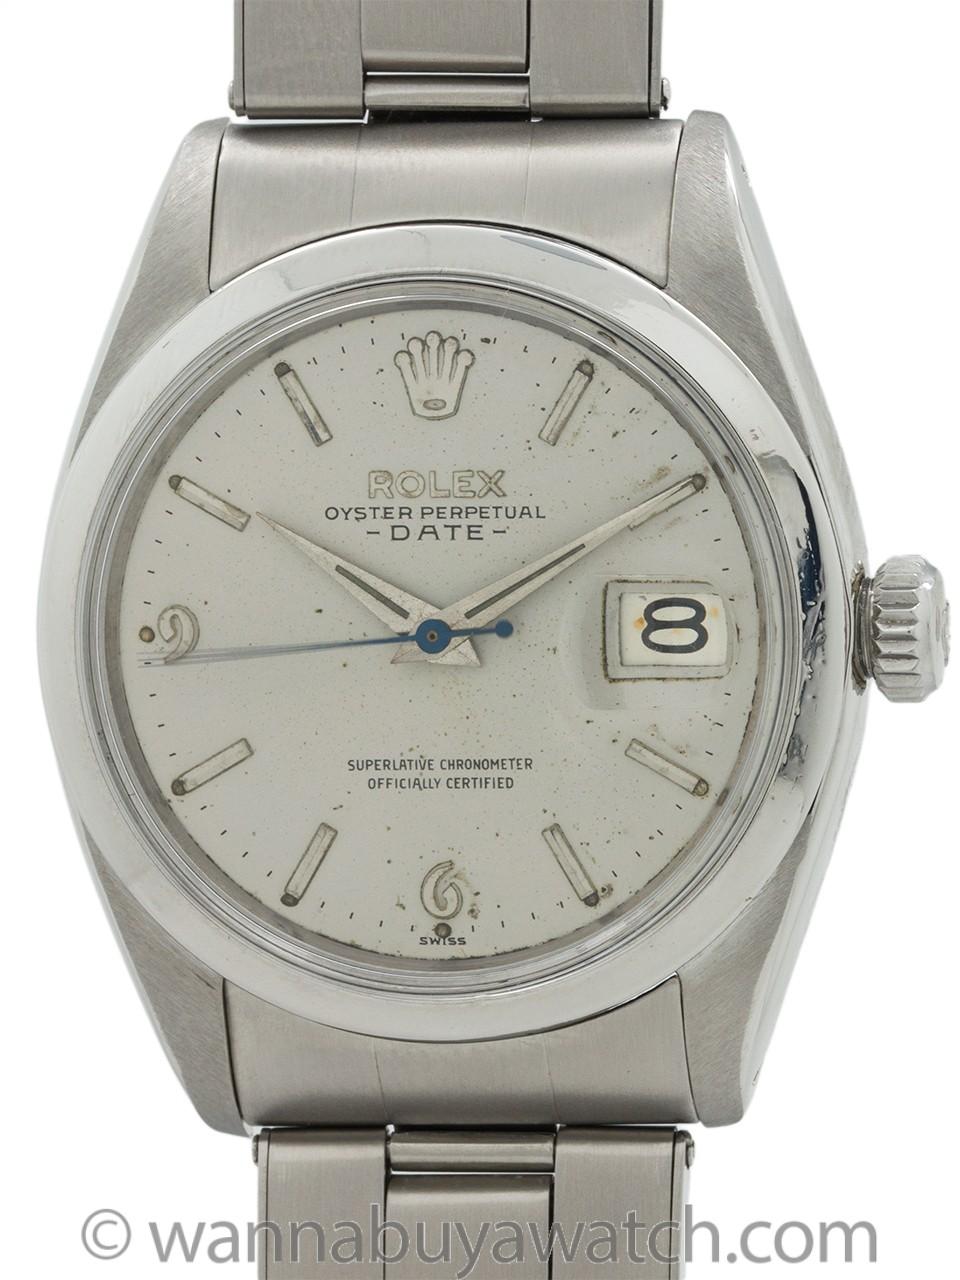 Rolex Oyster Perpetual Date ref 1500 Original Dial circa 1960